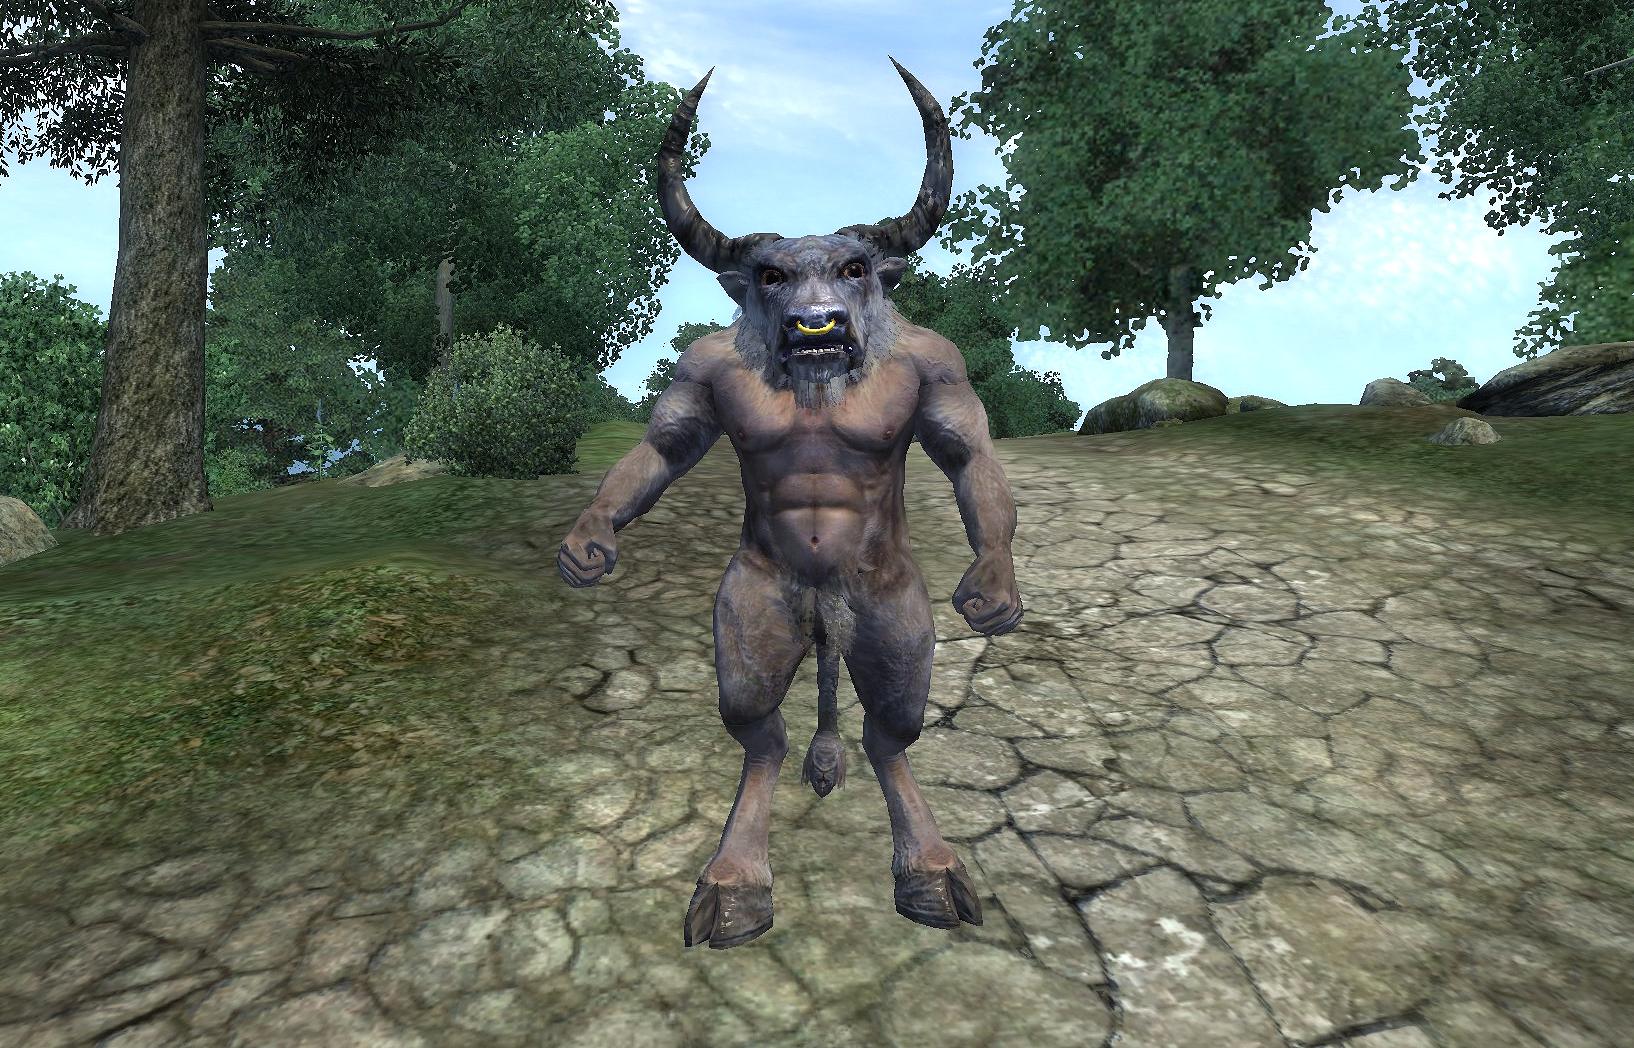 Fichier:Minotaur Creature.png